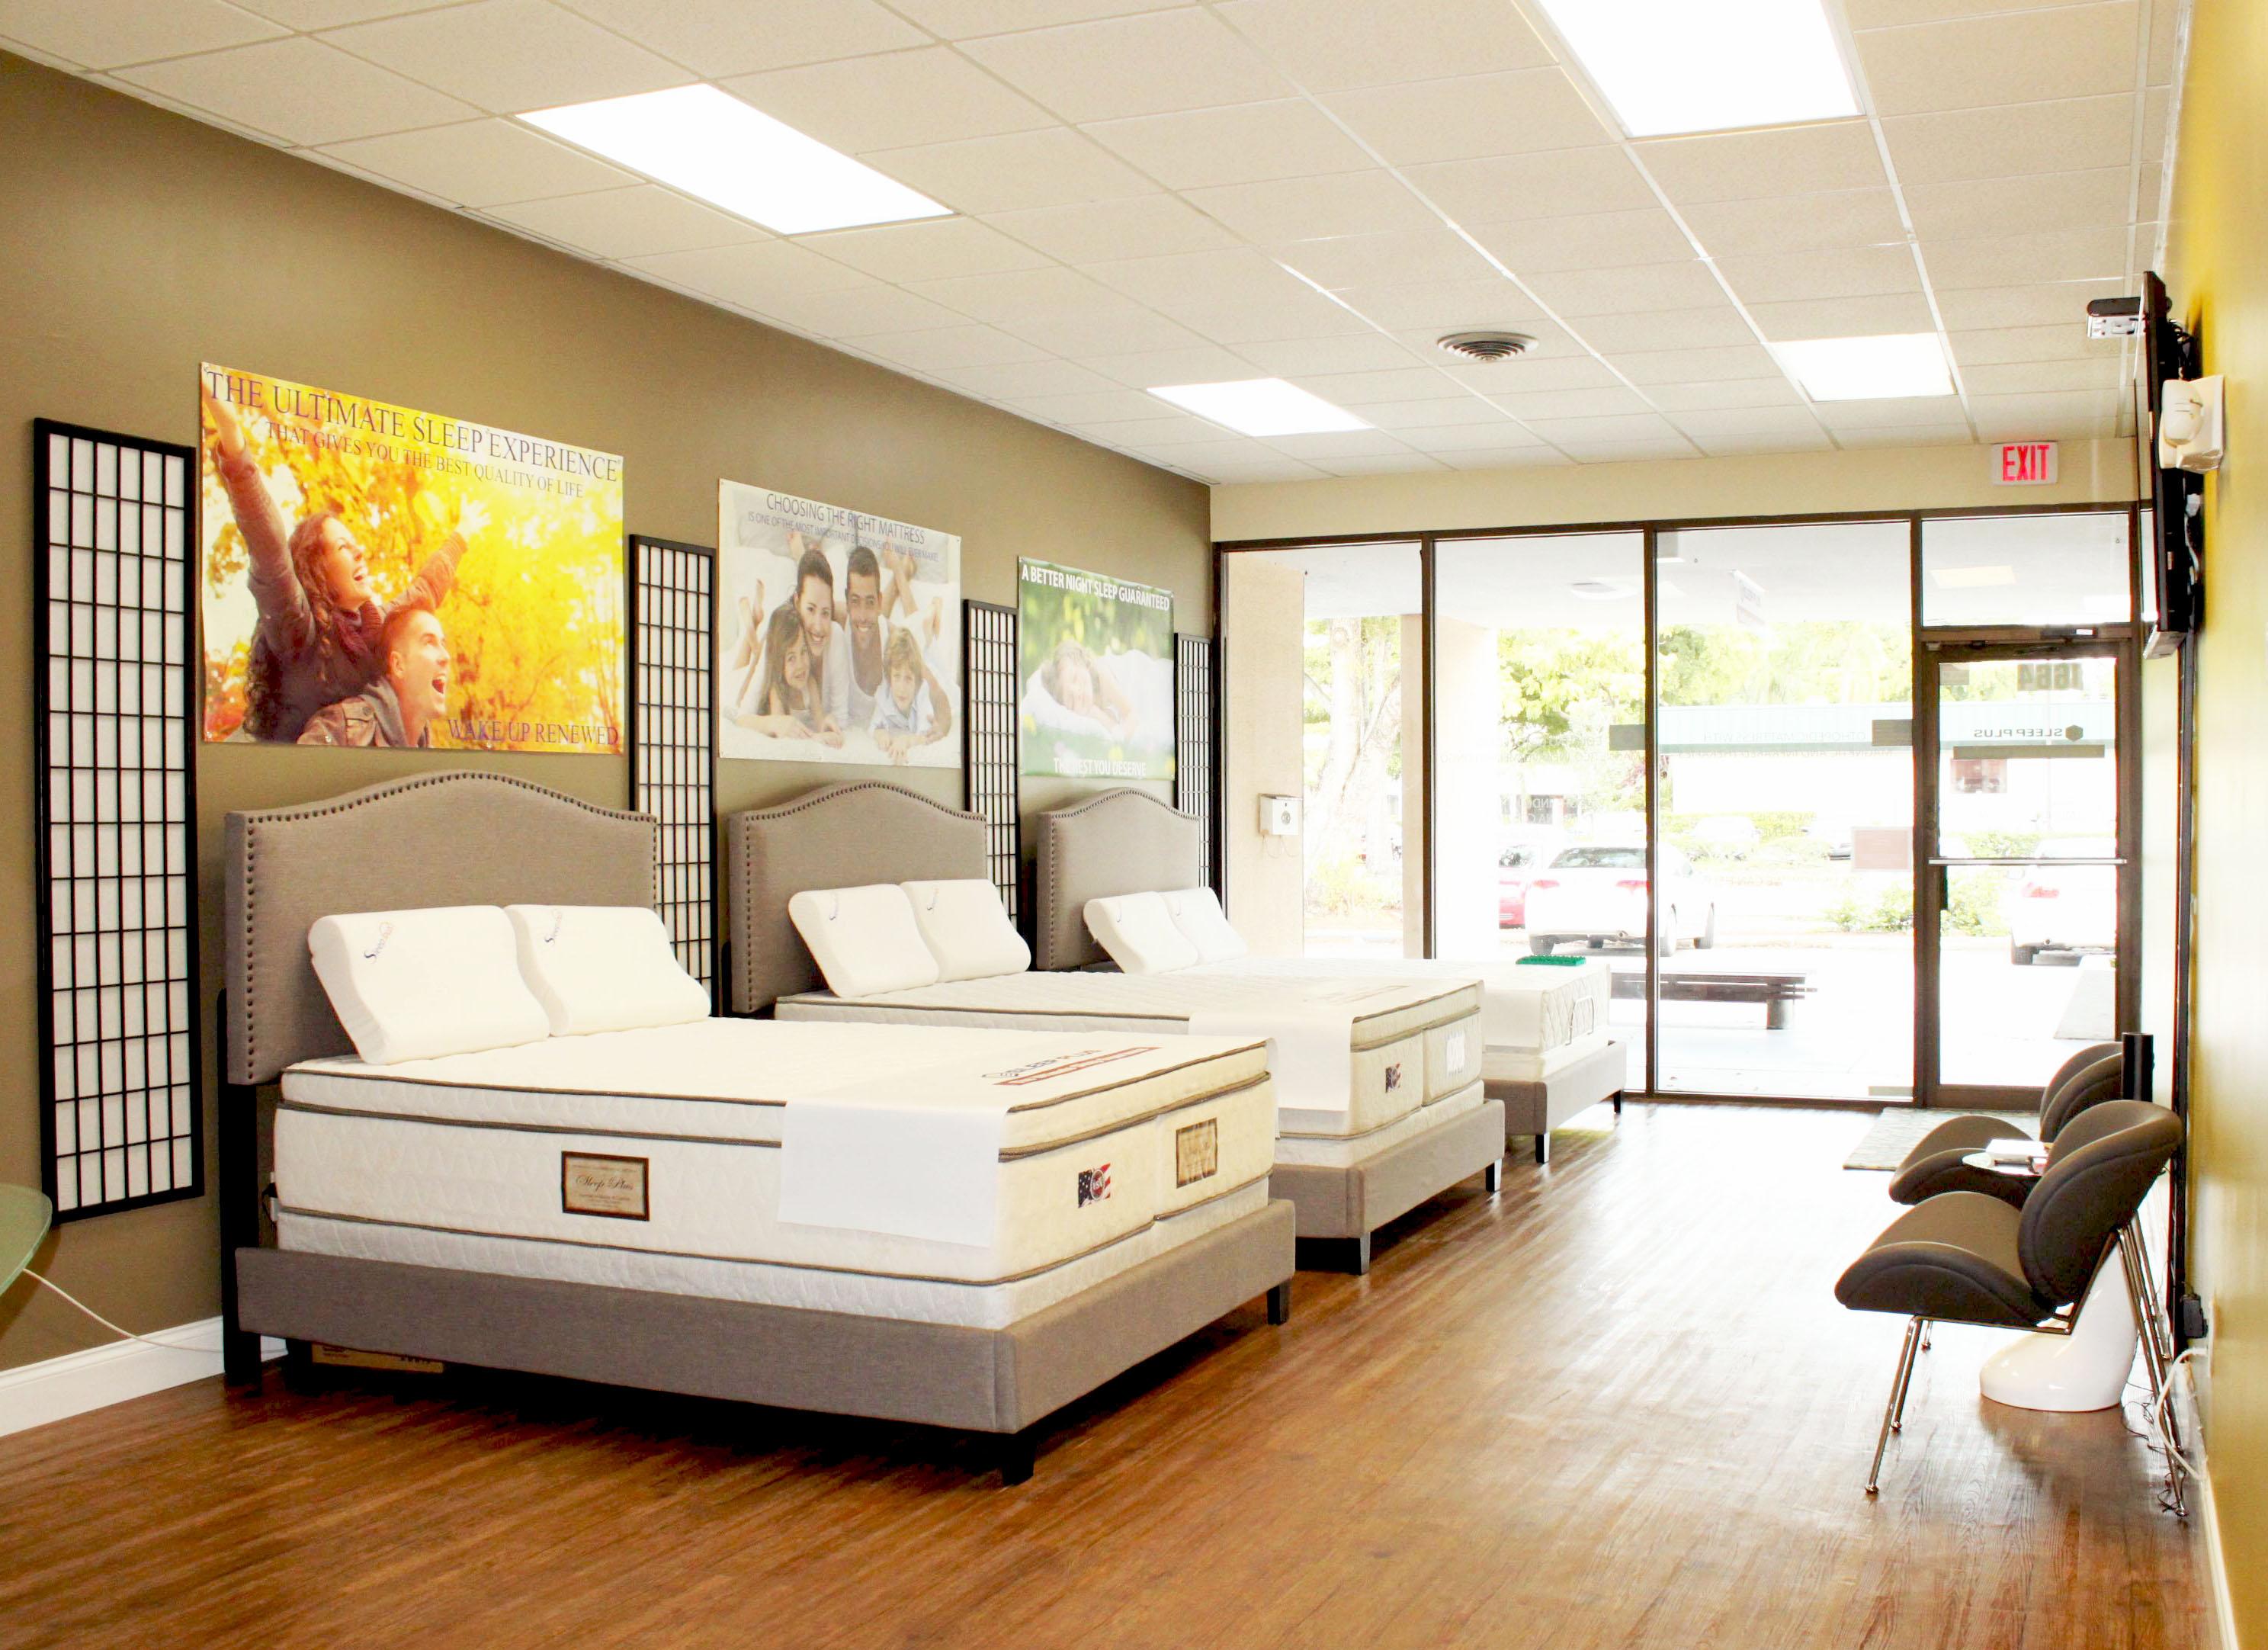 deerfield beach mattress showroom